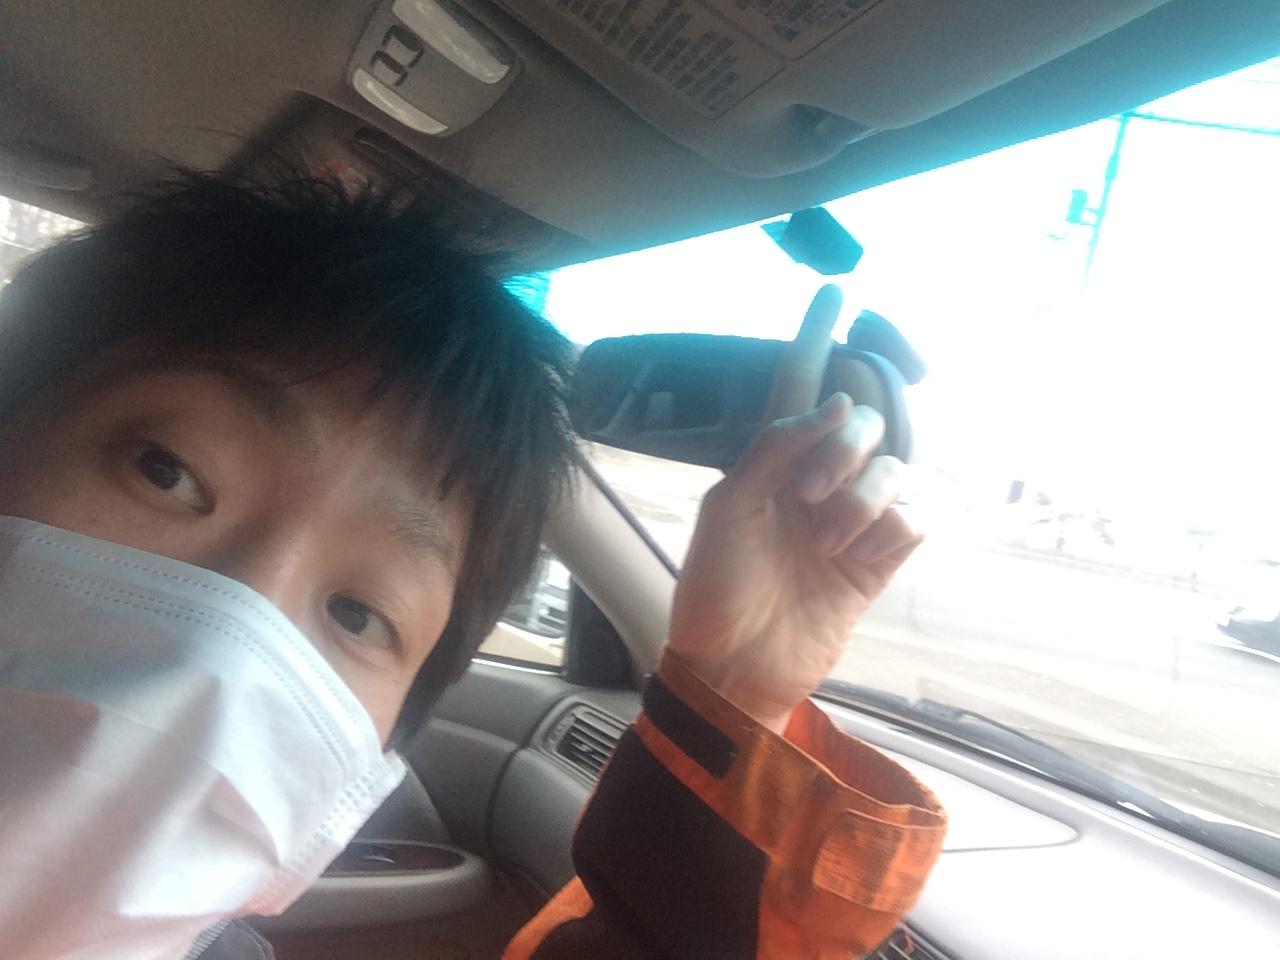 3月25日(水)トミーアウトレット☆O様ekワゴンご成約!!軽自動車☆コンパクトカー☆ローンサポート☆_b0127002_1934477.jpg